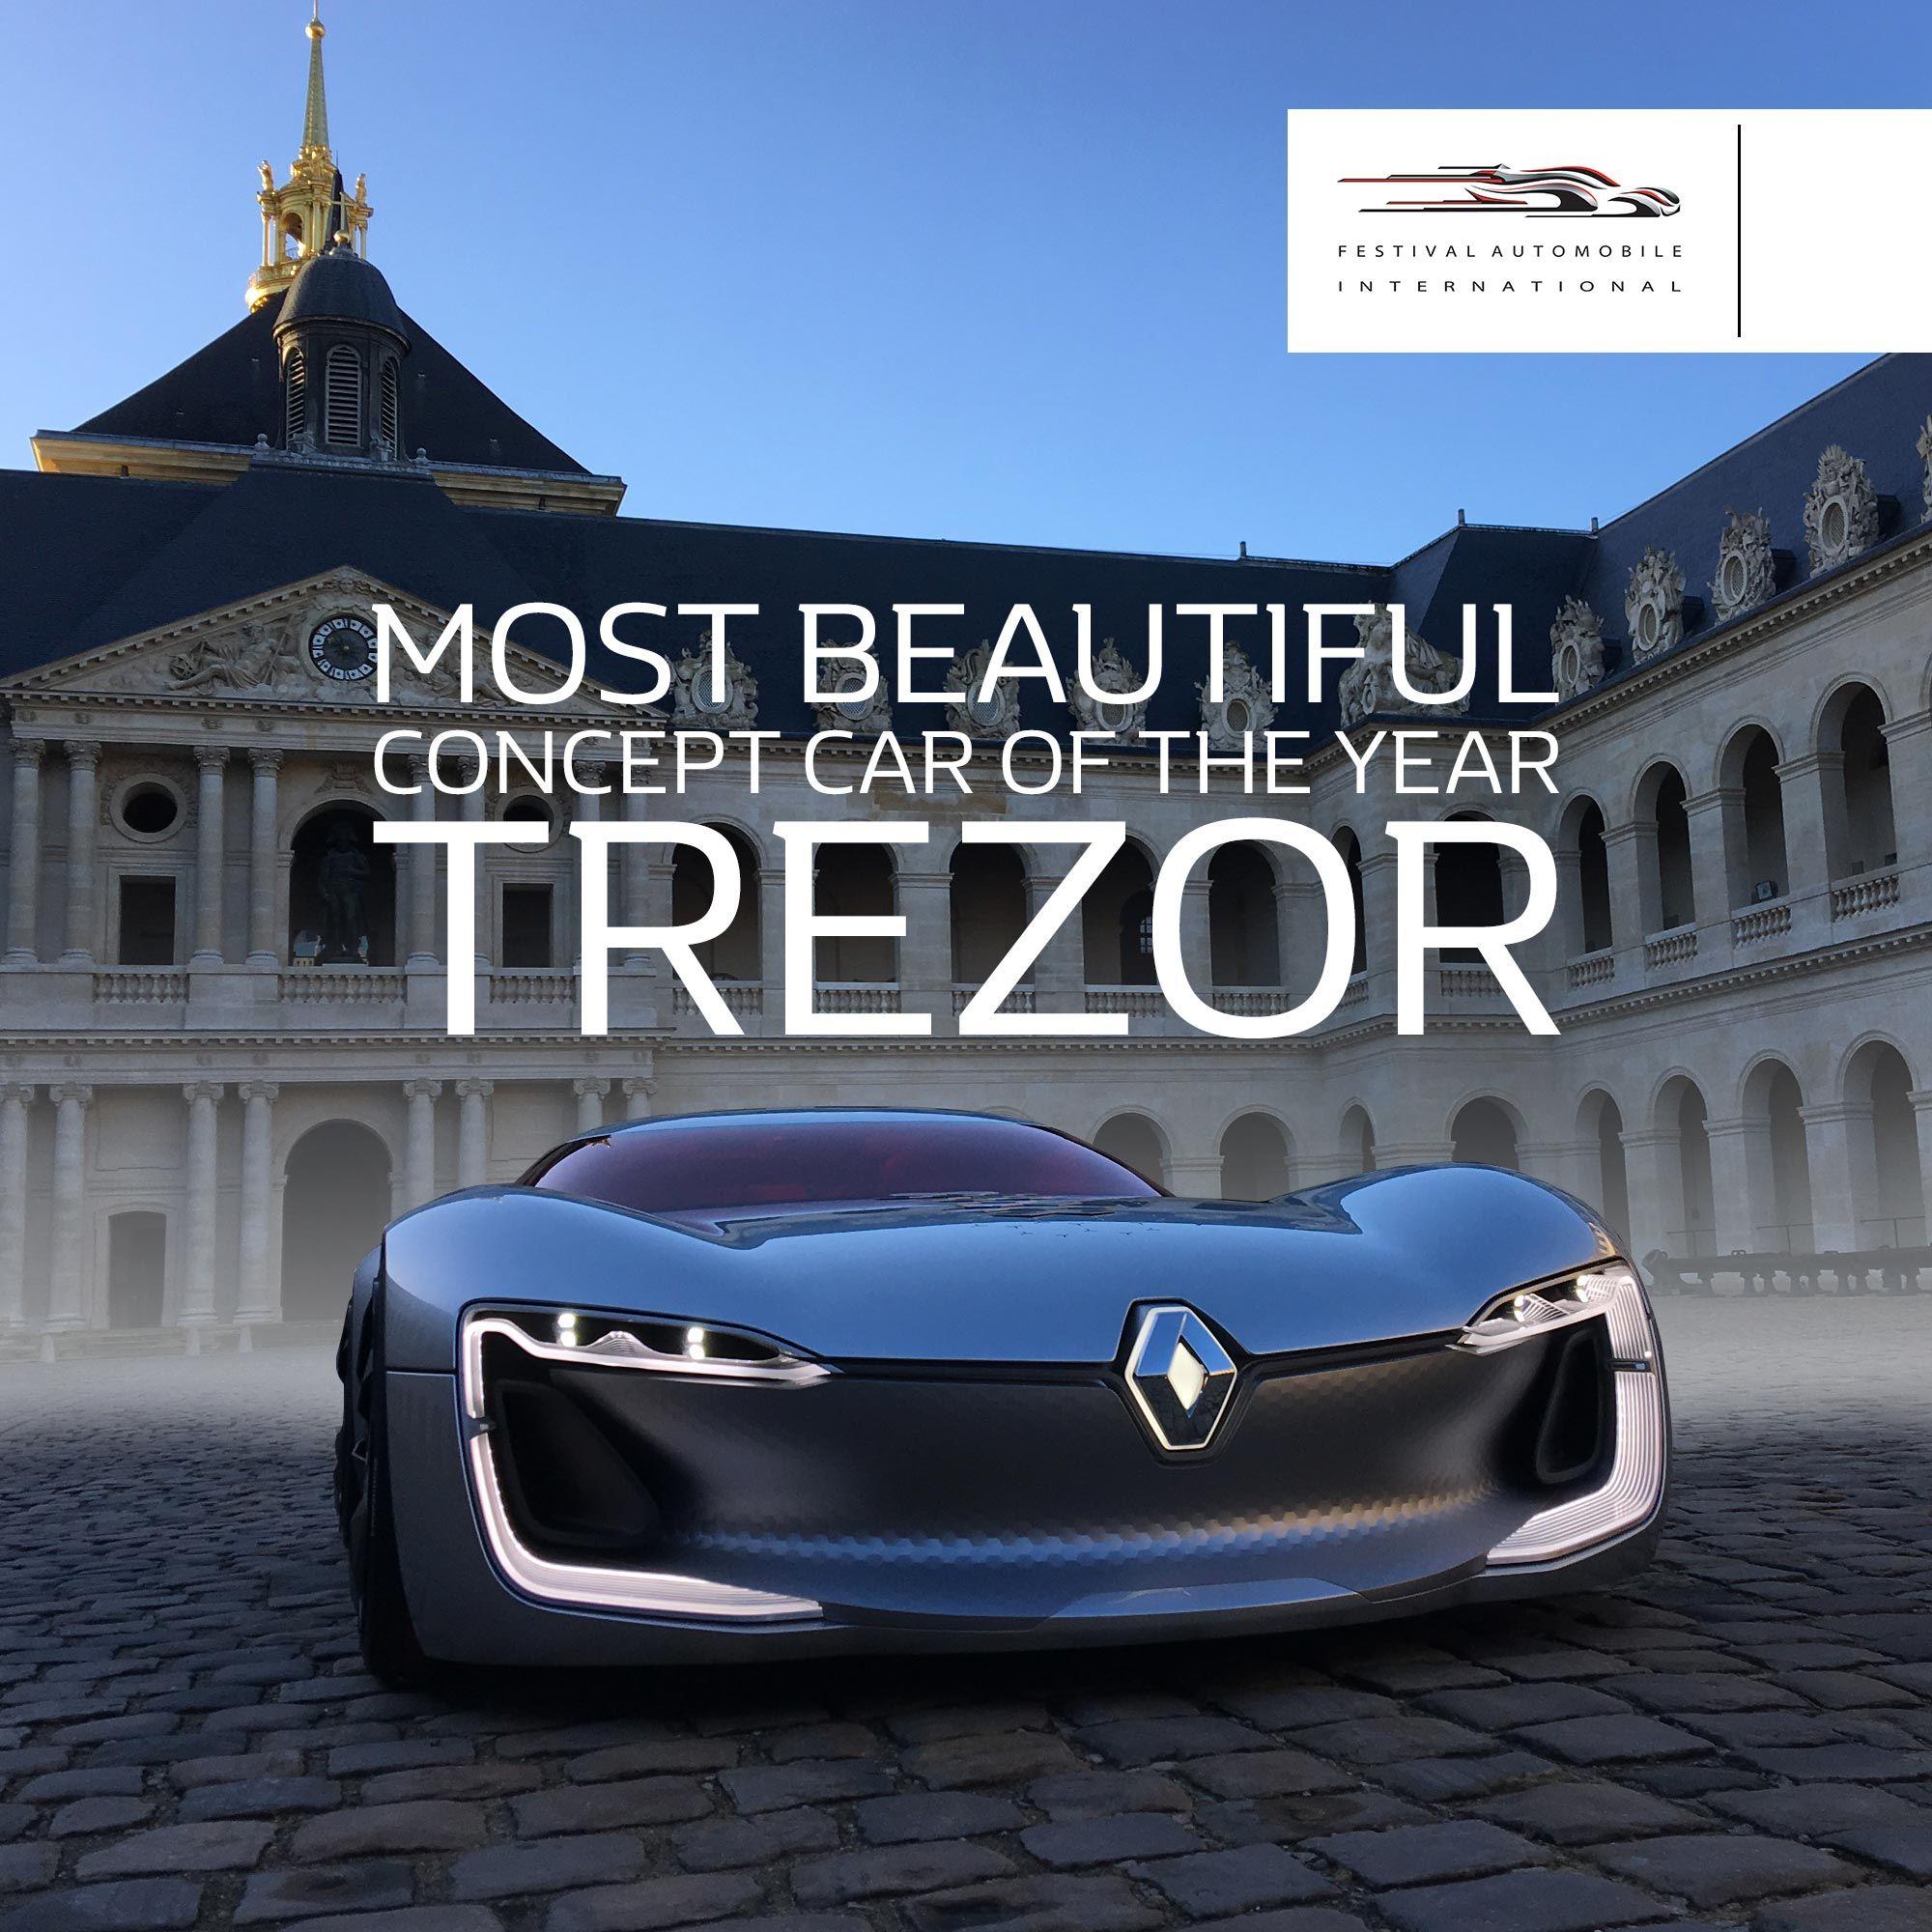 Bmw I3 Tesla Supercharger Adapter: Elektroauto Renault Trezor Hat Die Auszeichnung Schönstes